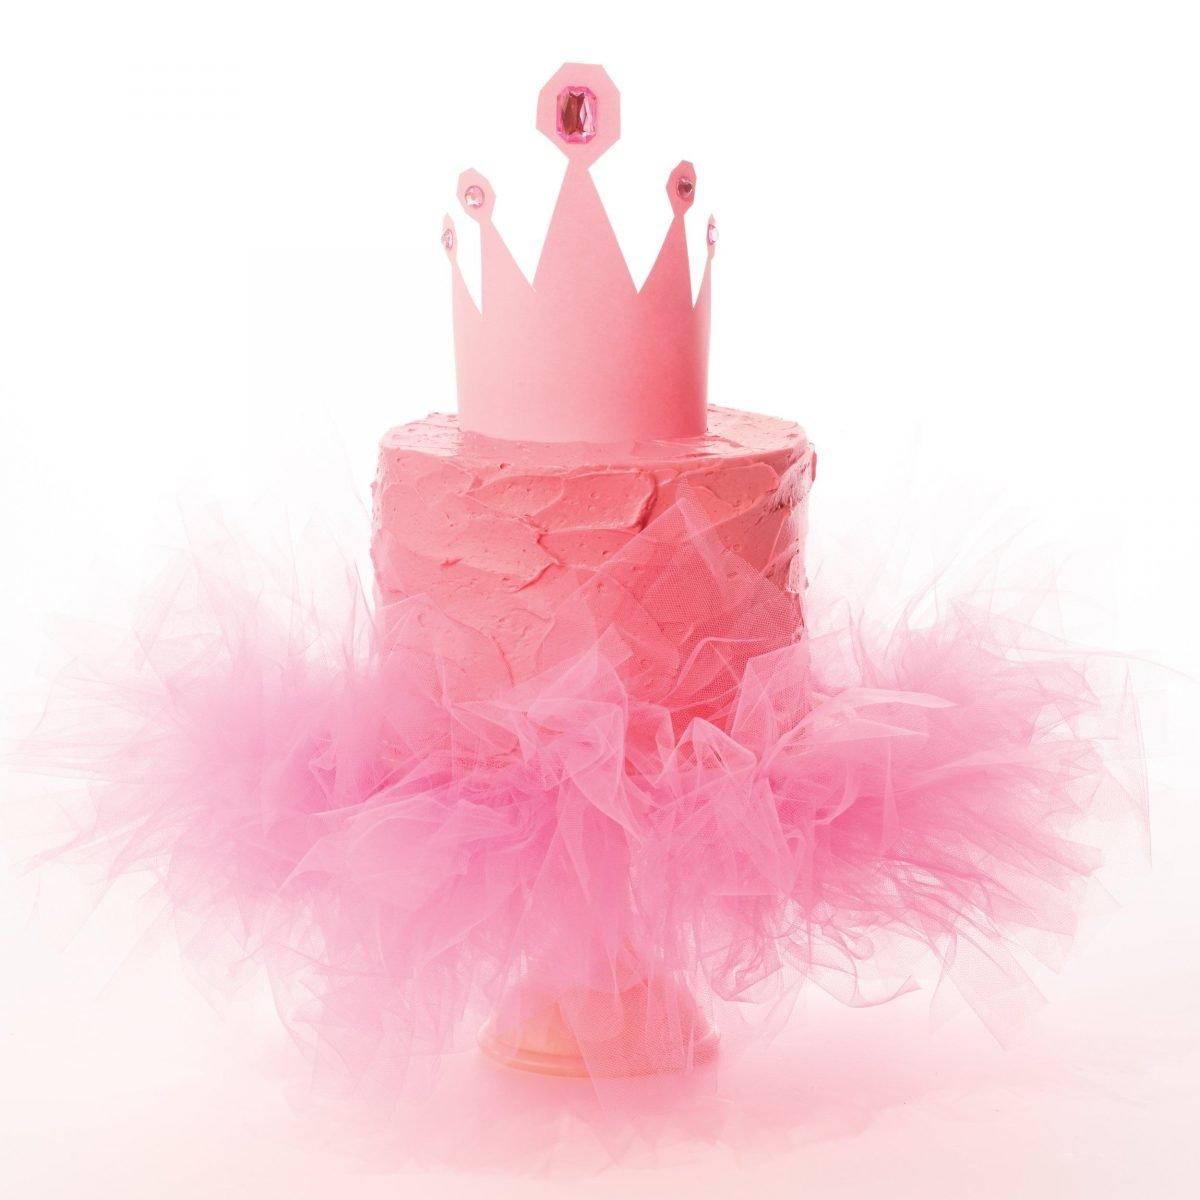 Princess Cake Gymn S18 Cakes Pricesscake 0517